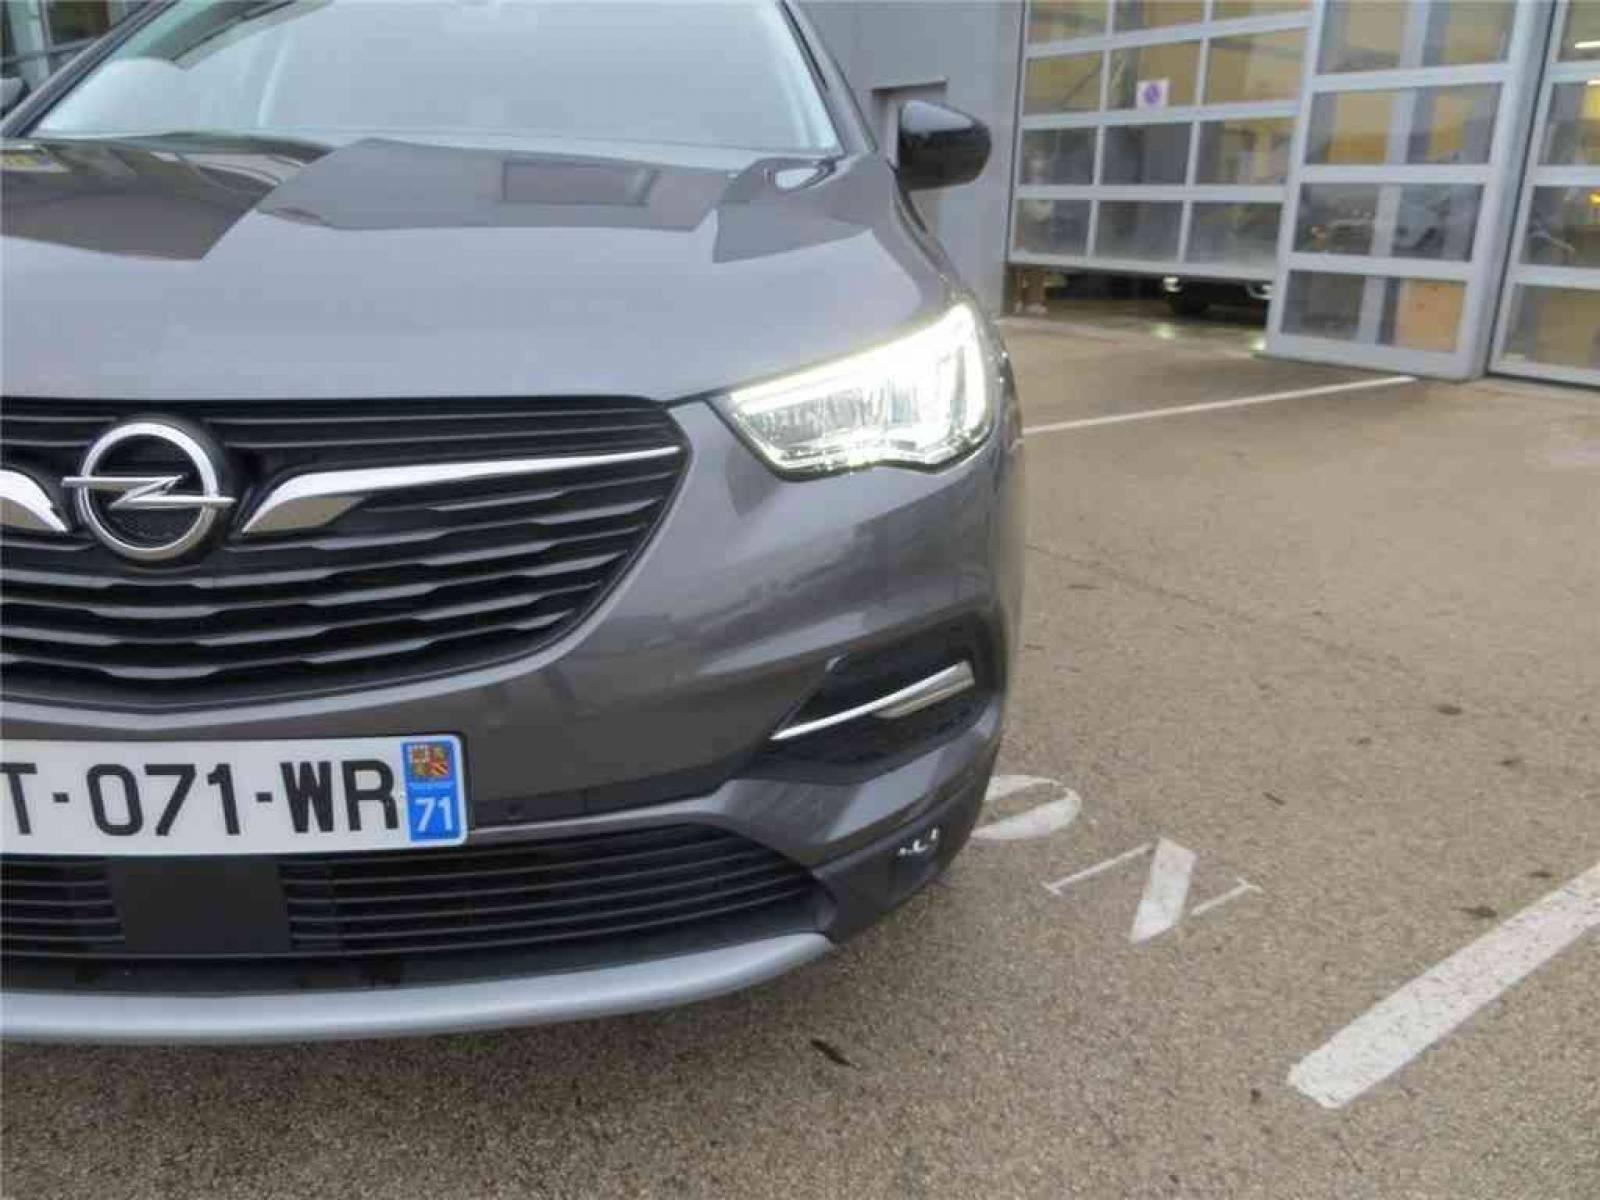 OPEL Grandland X 1.5 Diesel 130 ch BVA8 - véhicule d'occasion - Groupe Guillet - Opel Magicauto - Montceau-les-Mines - 71300 - Montceau-les-Mines - 4